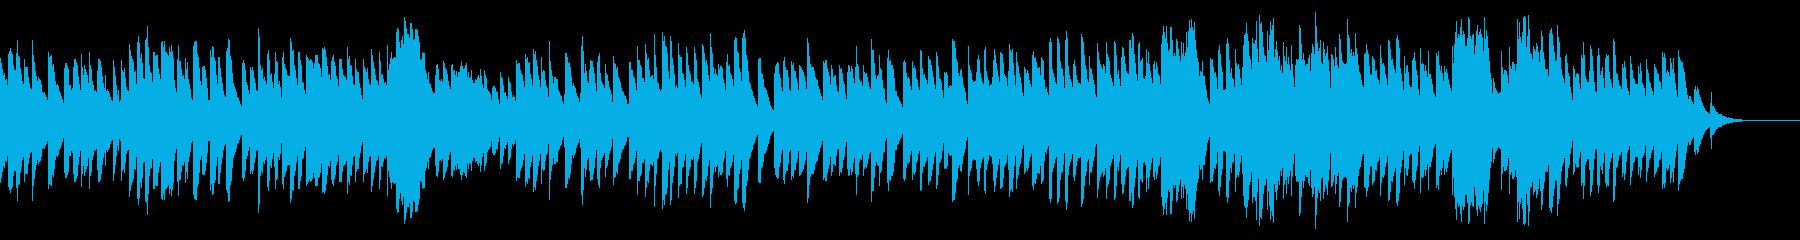 精神が不安定になるホラーBGMの再生済みの波形